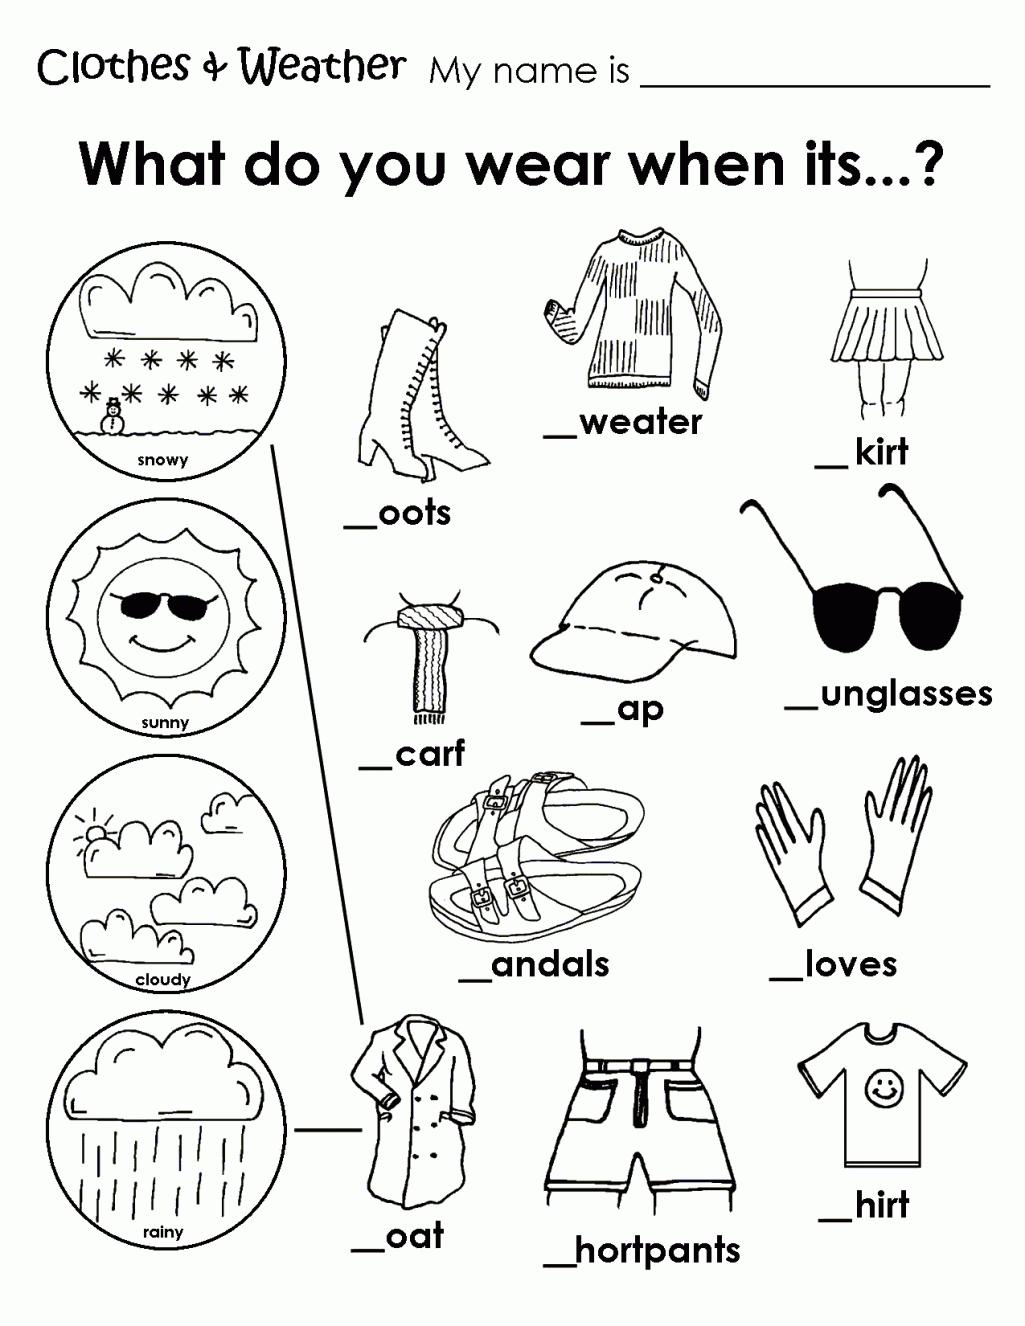 Esl Worksheets Kindergarten Math Printable Weather Clothes